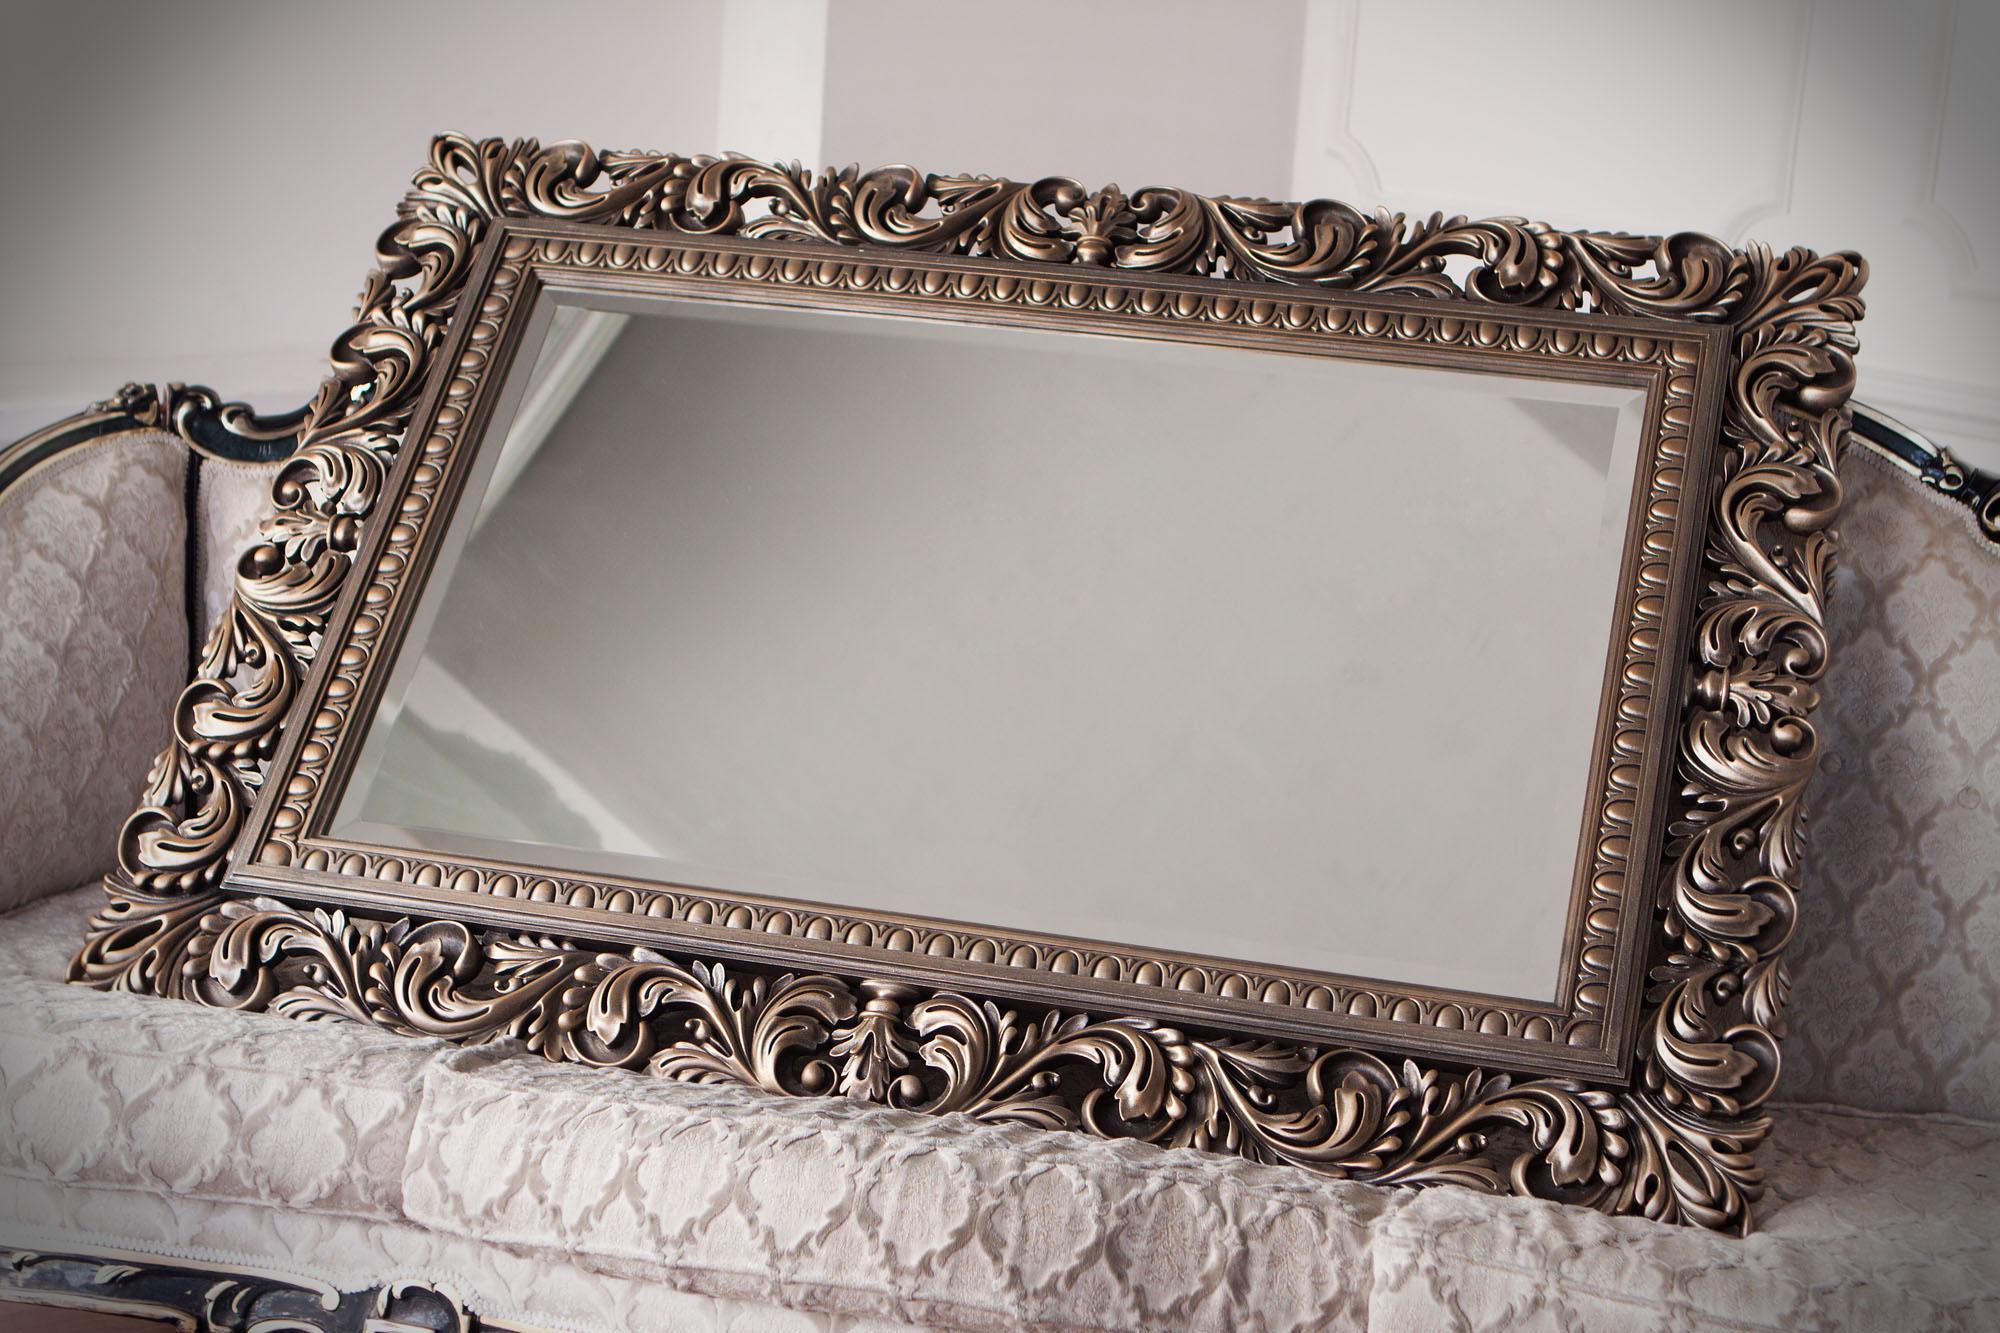 Обрамление для зеркала своими руками фото фото 78